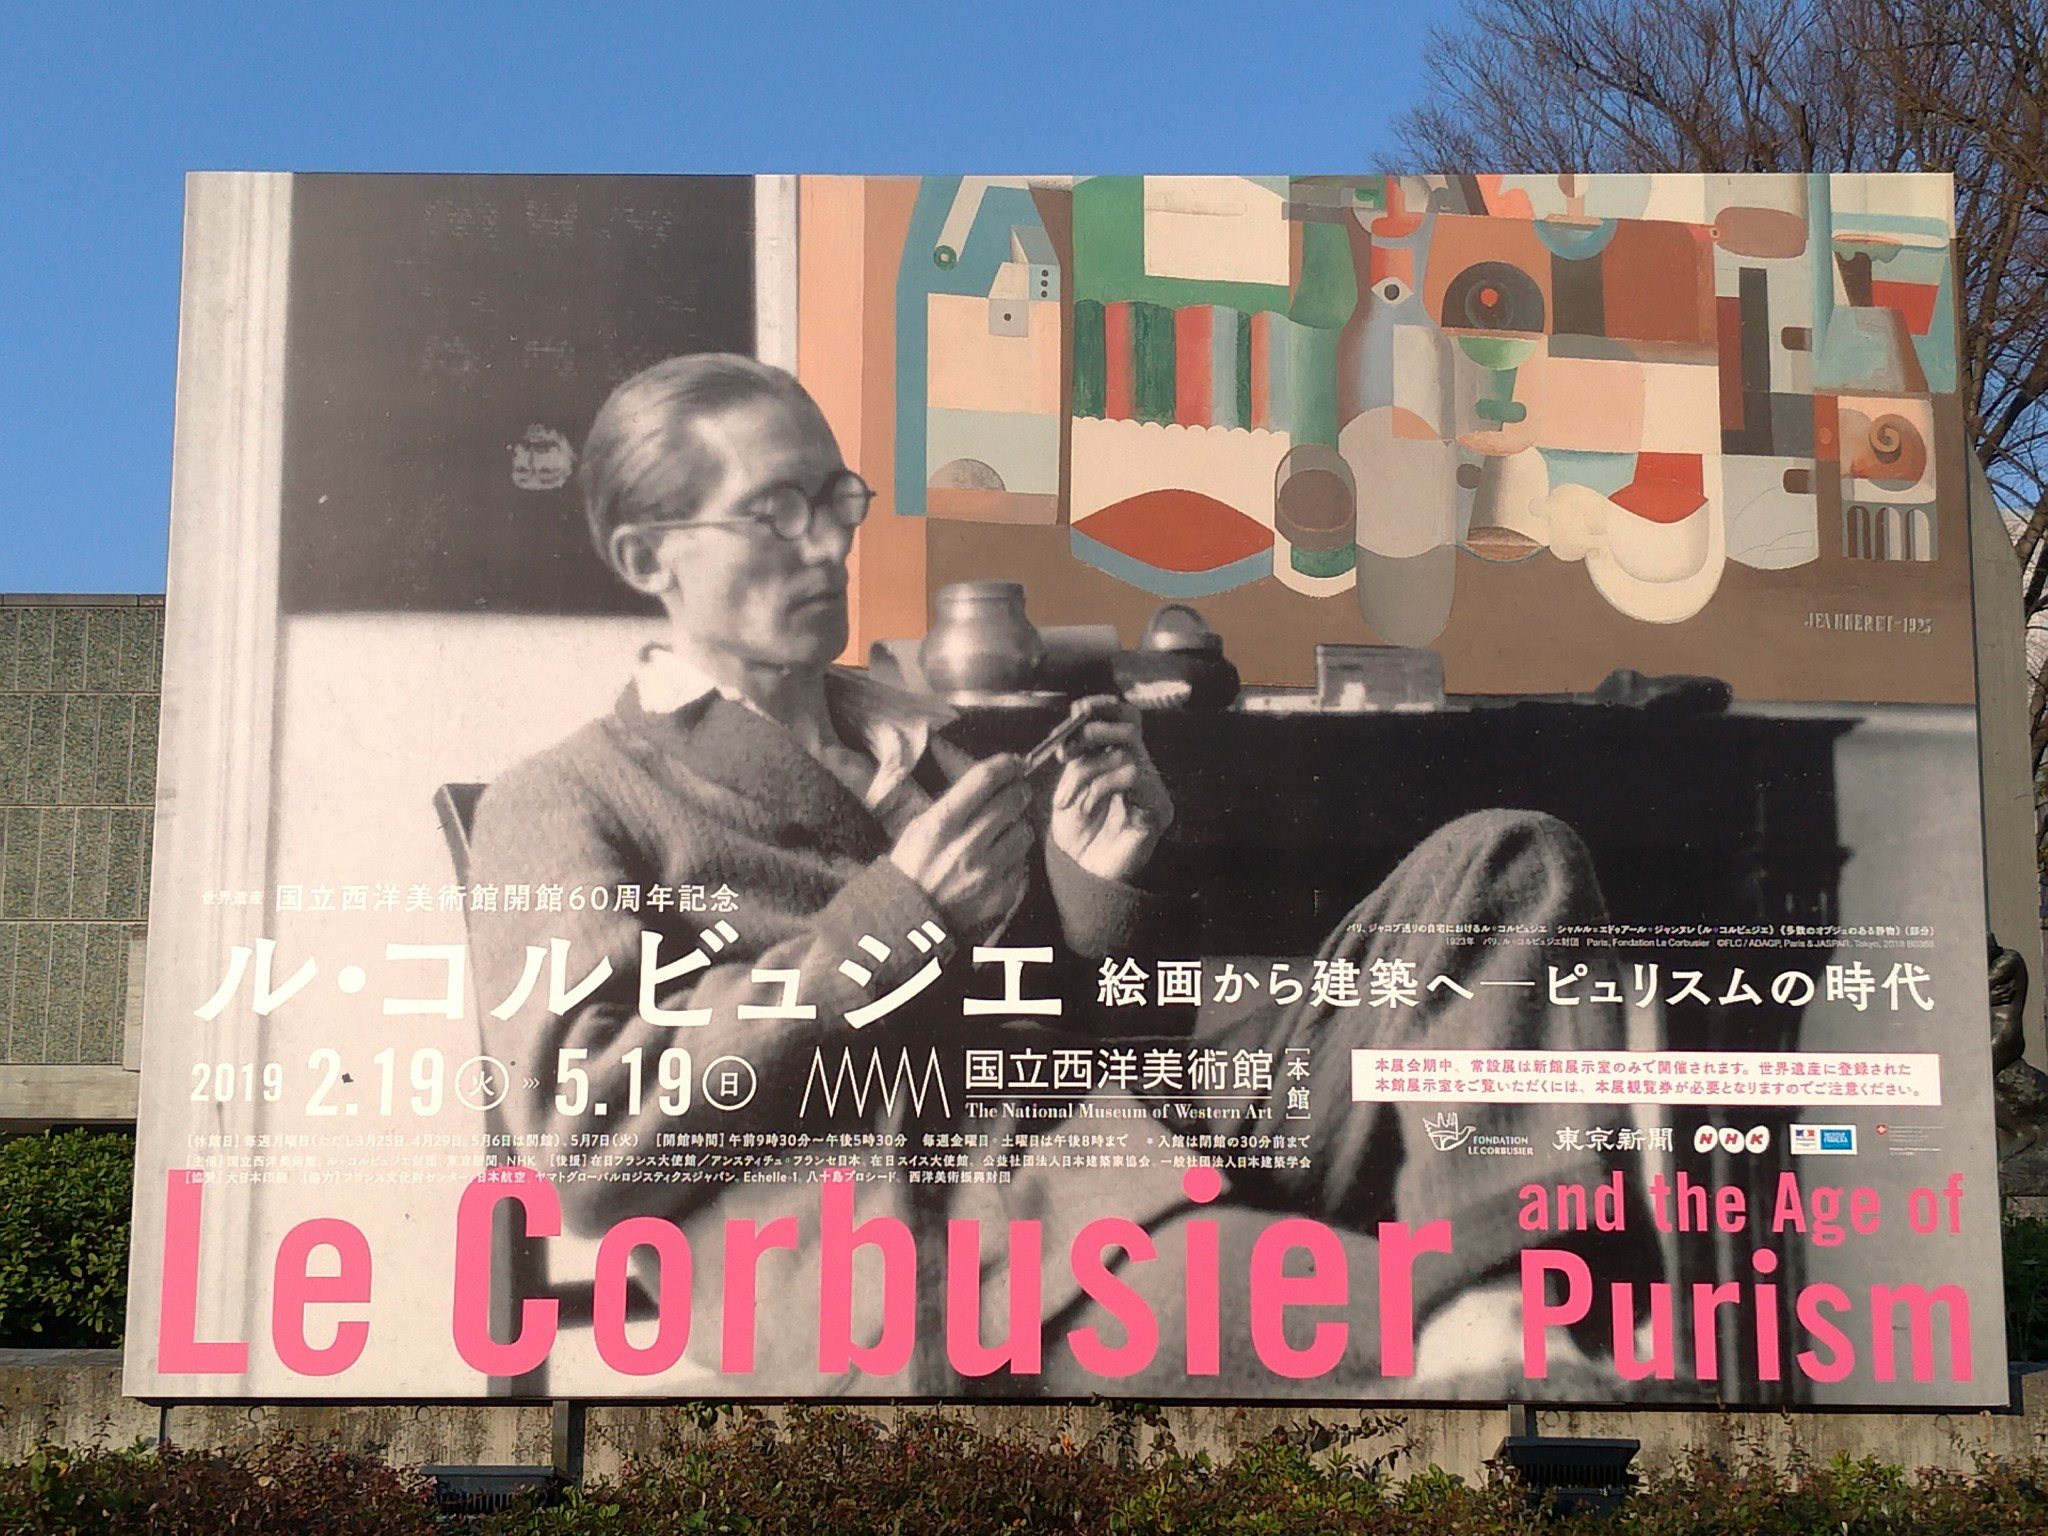 国立西洋美術館開館60周年記念 ル・コルビュジエ 絵画から建築へ―ピュリスムの時代@国立西洋美術館